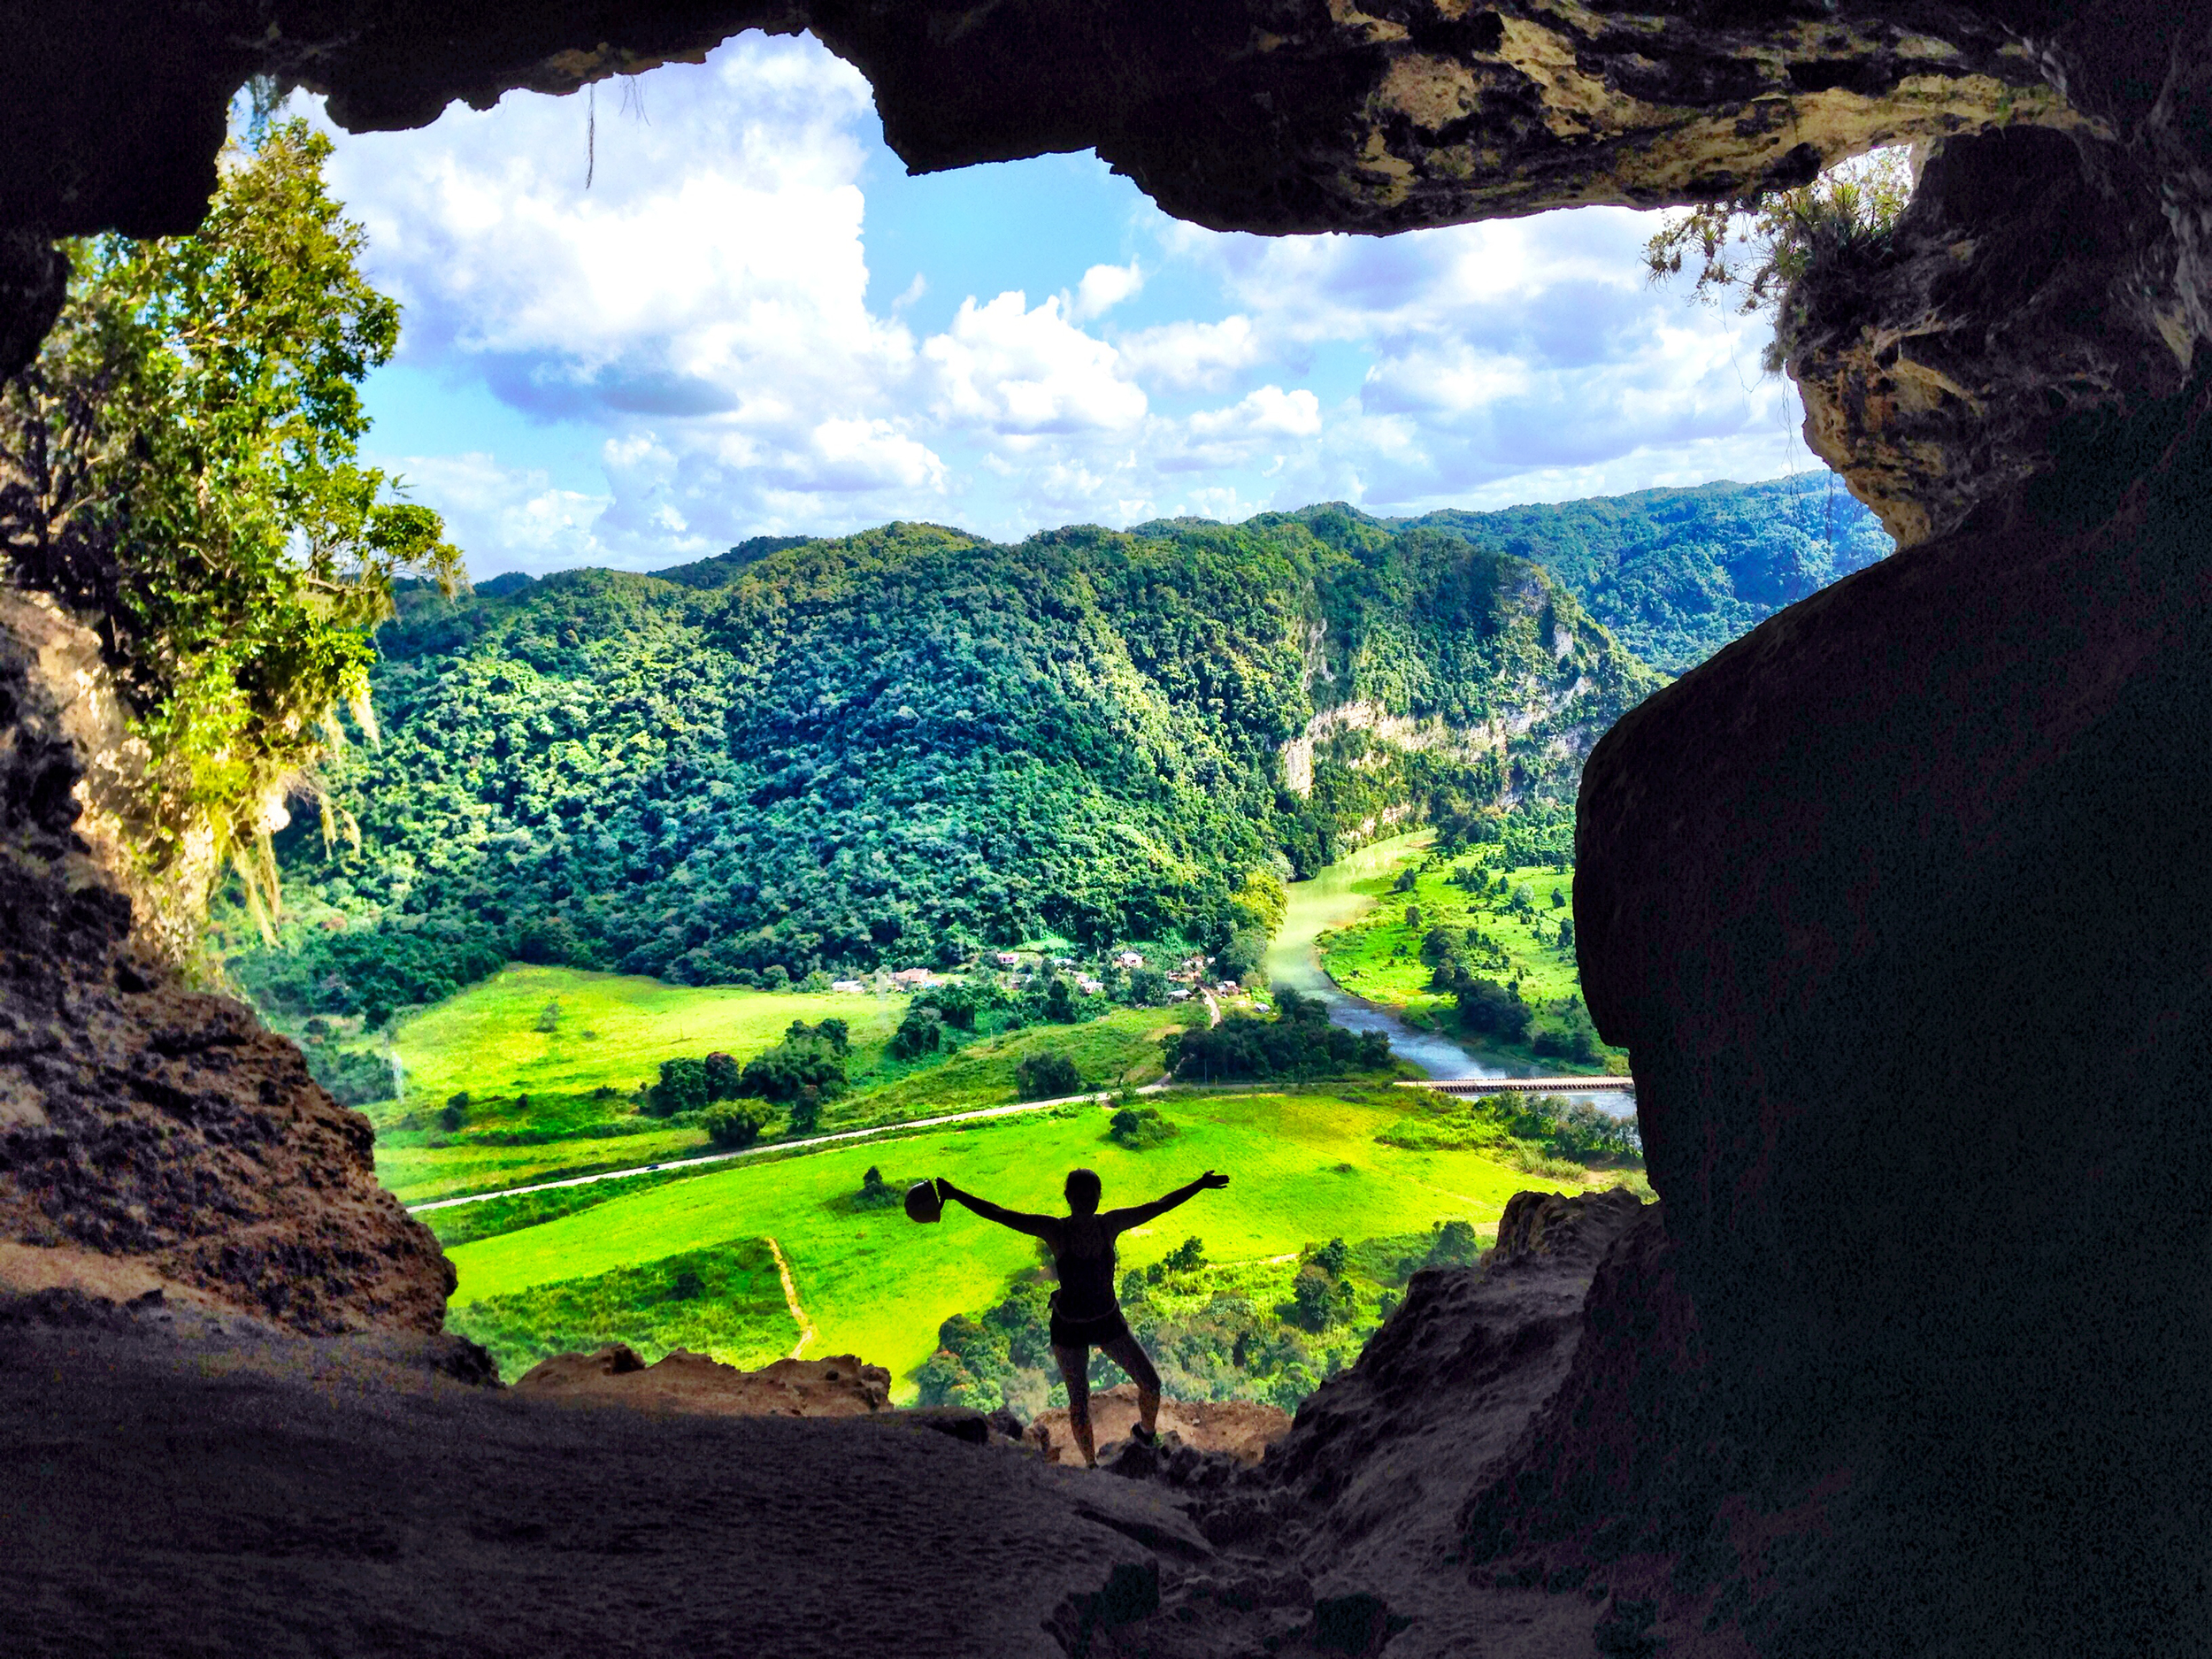 La Cueva de la Ventana